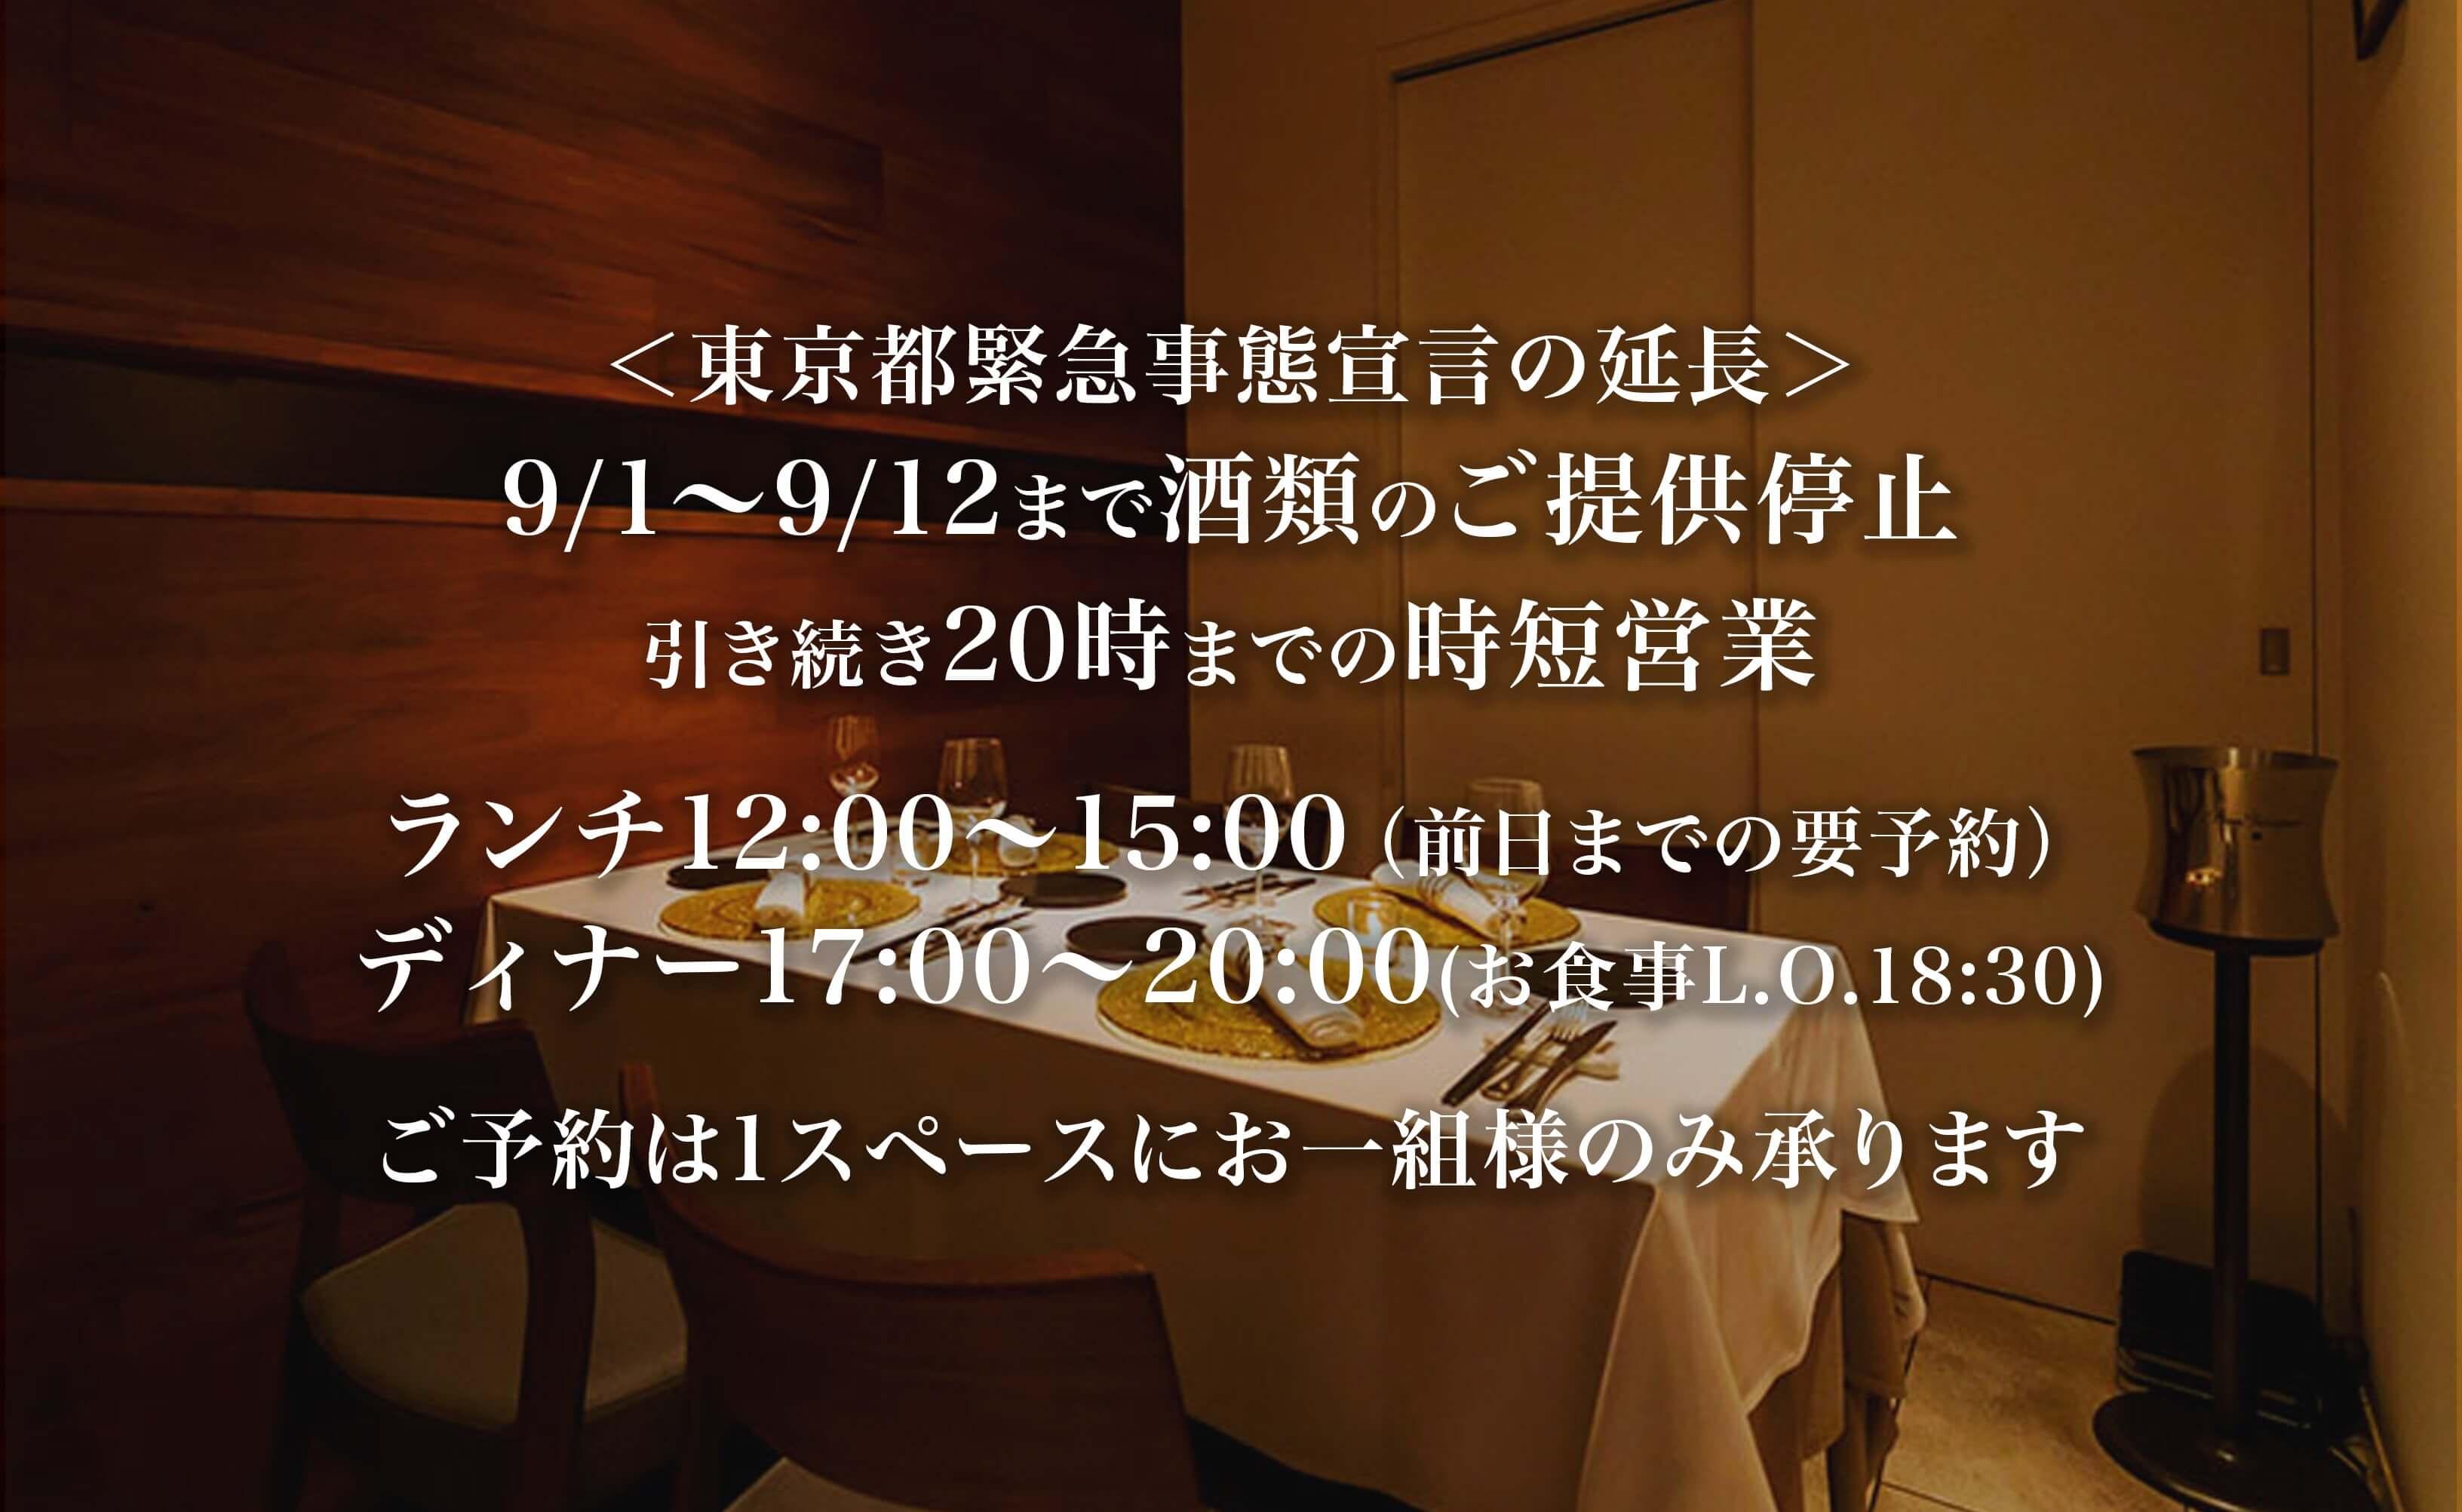 【9/12まで延長】緊急事態宣言に伴うお知らせ